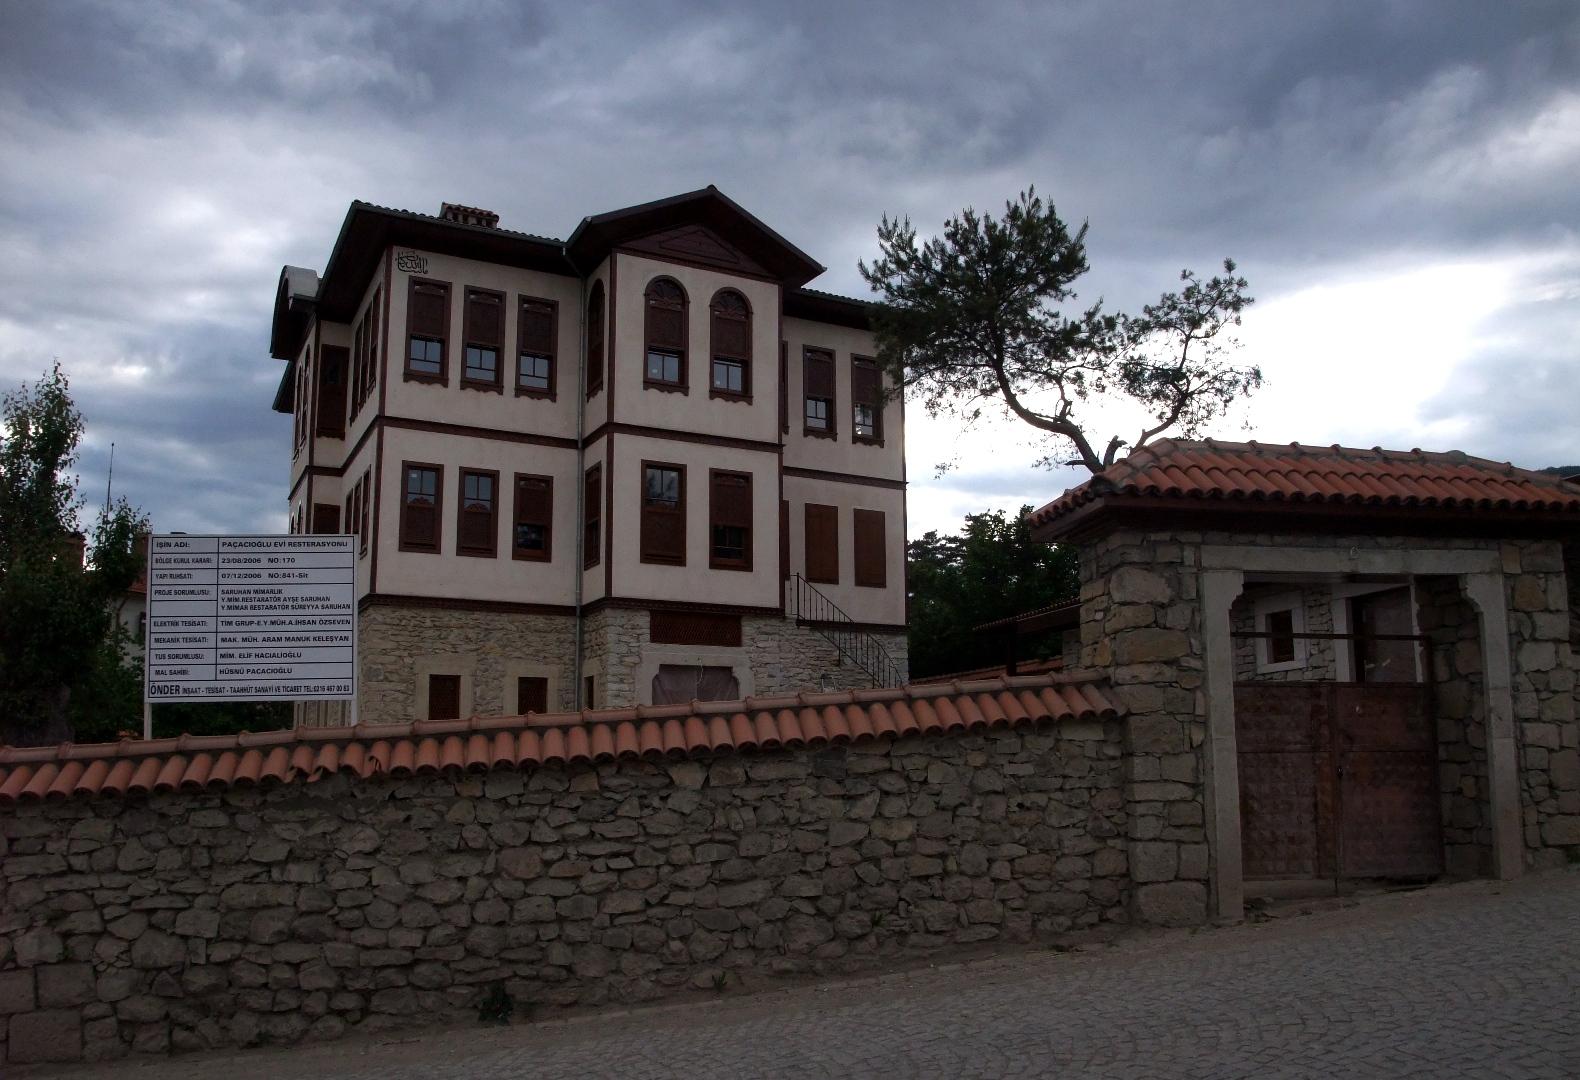 Ein frisch renoviertes altes Haus in Safranbolu